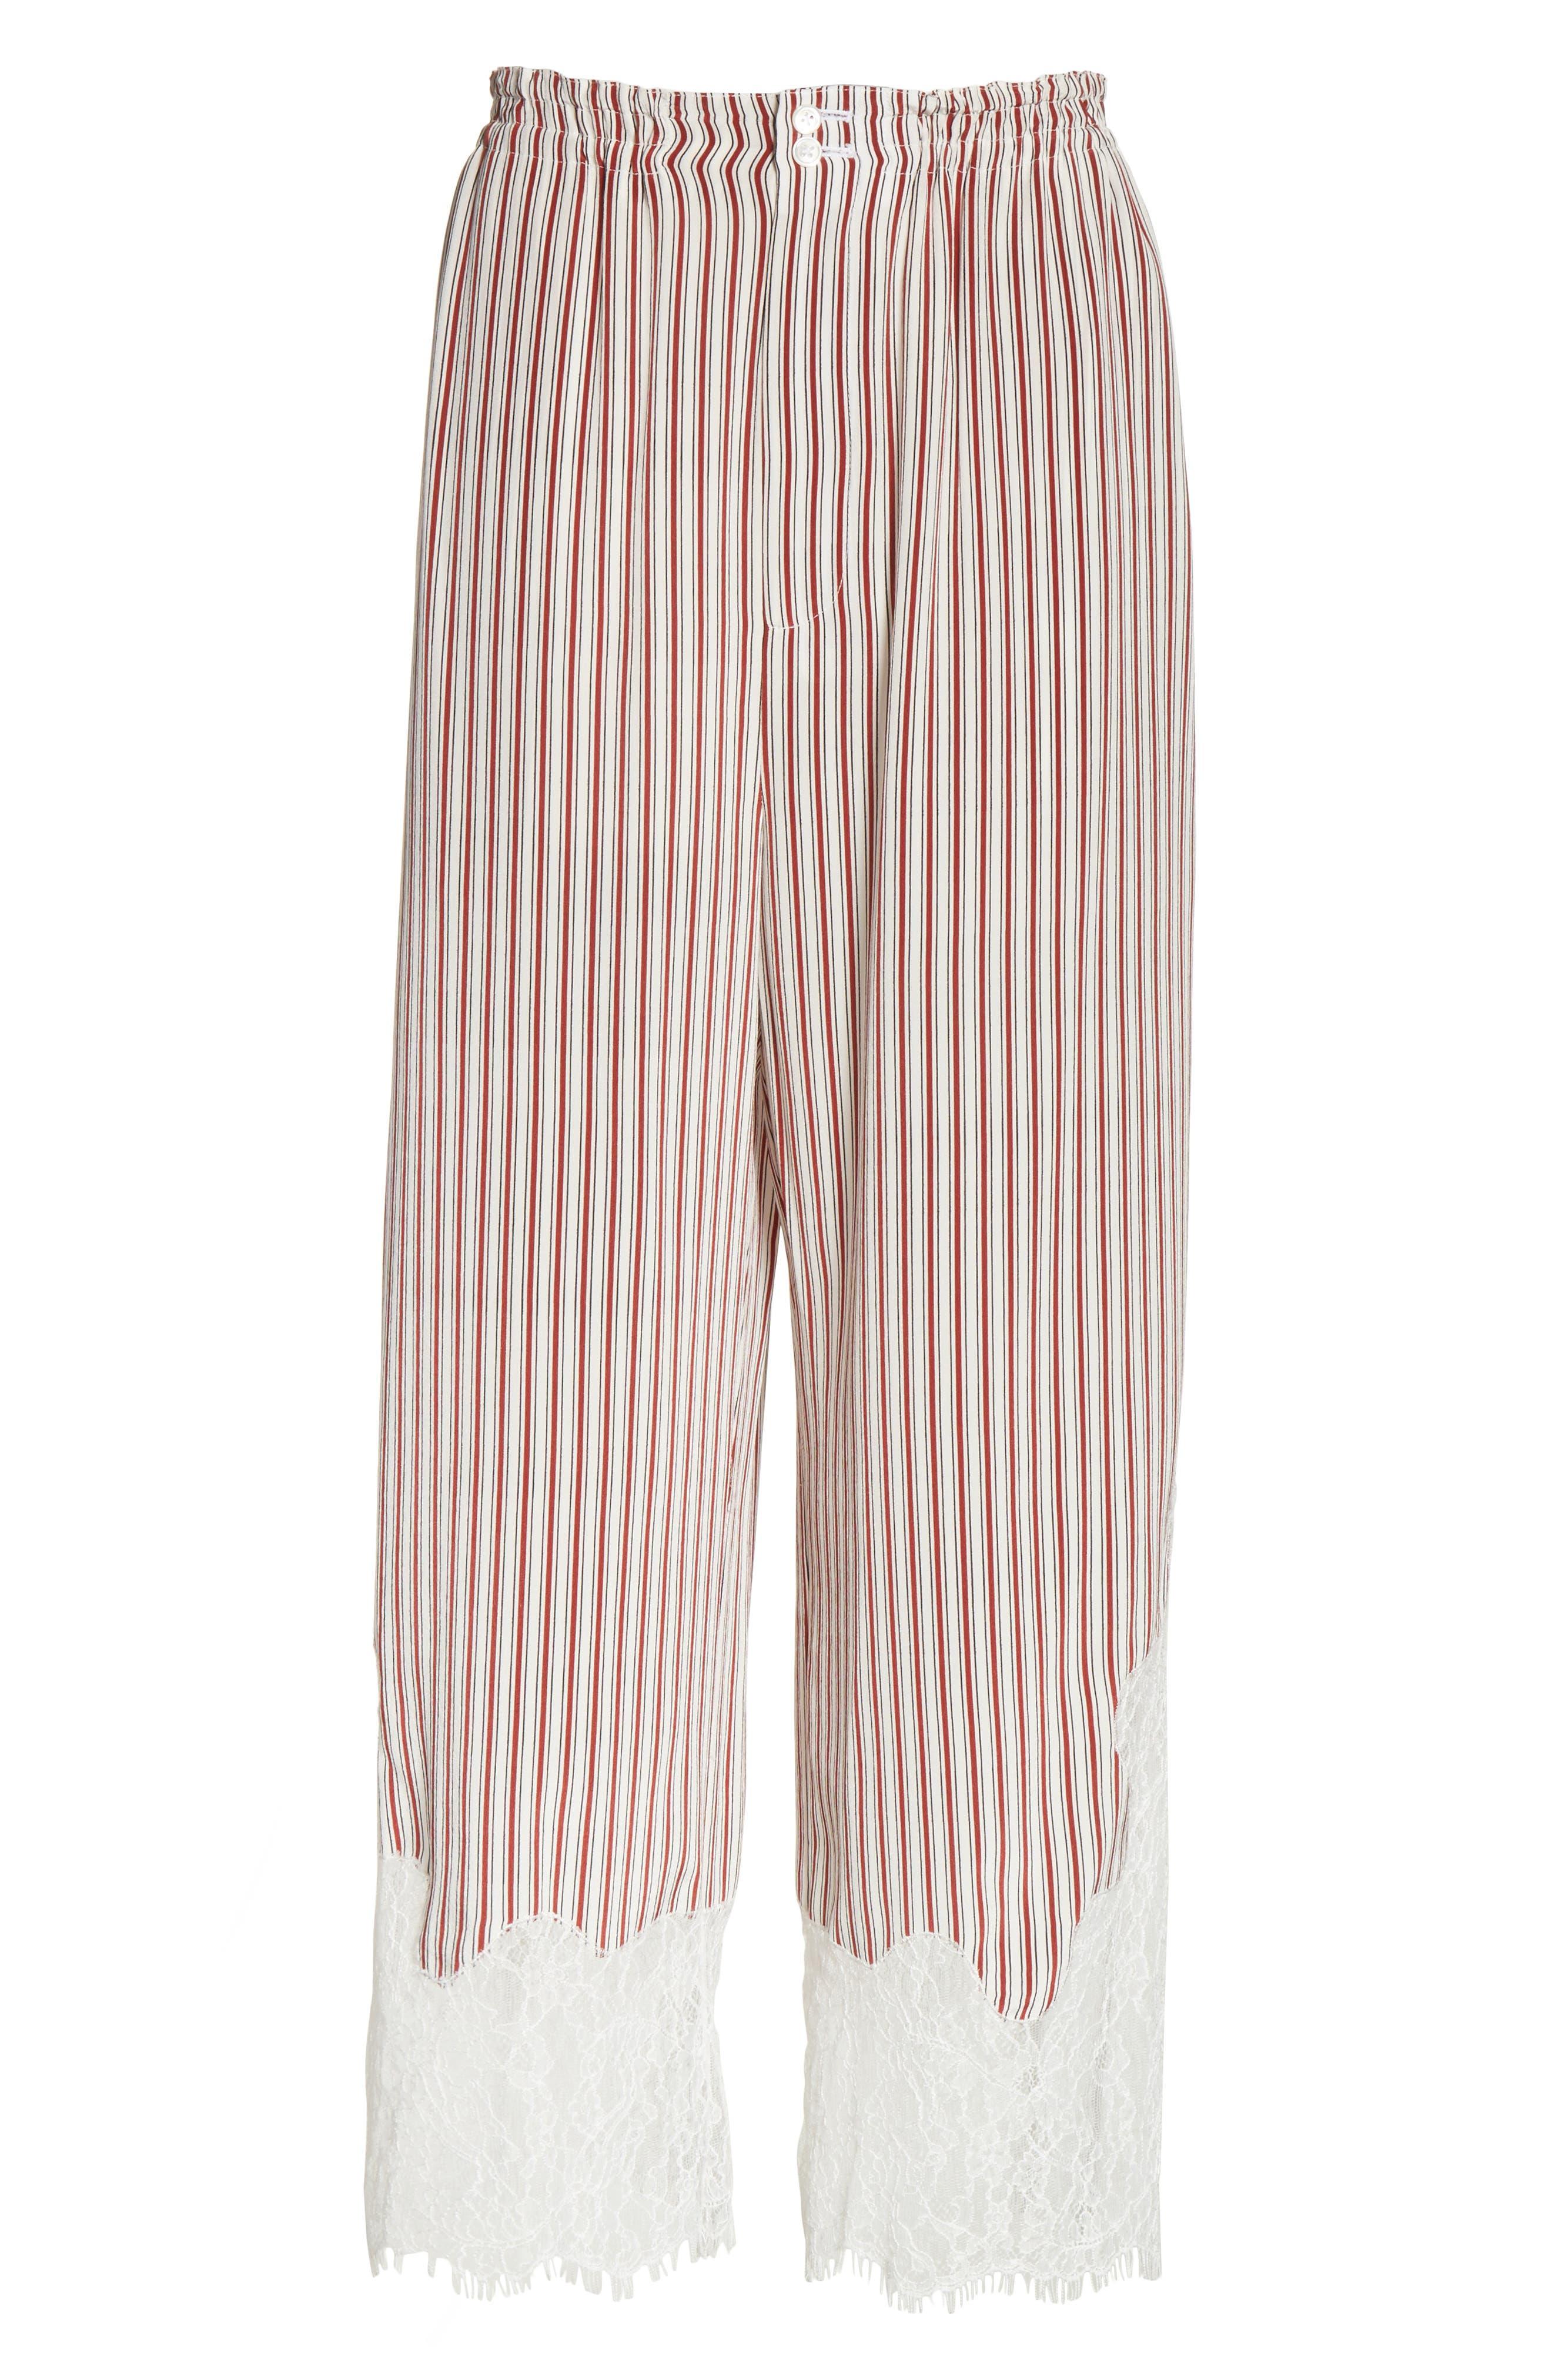 Lace Hem Stripe Pants,                             Alternate thumbnail 6, color,